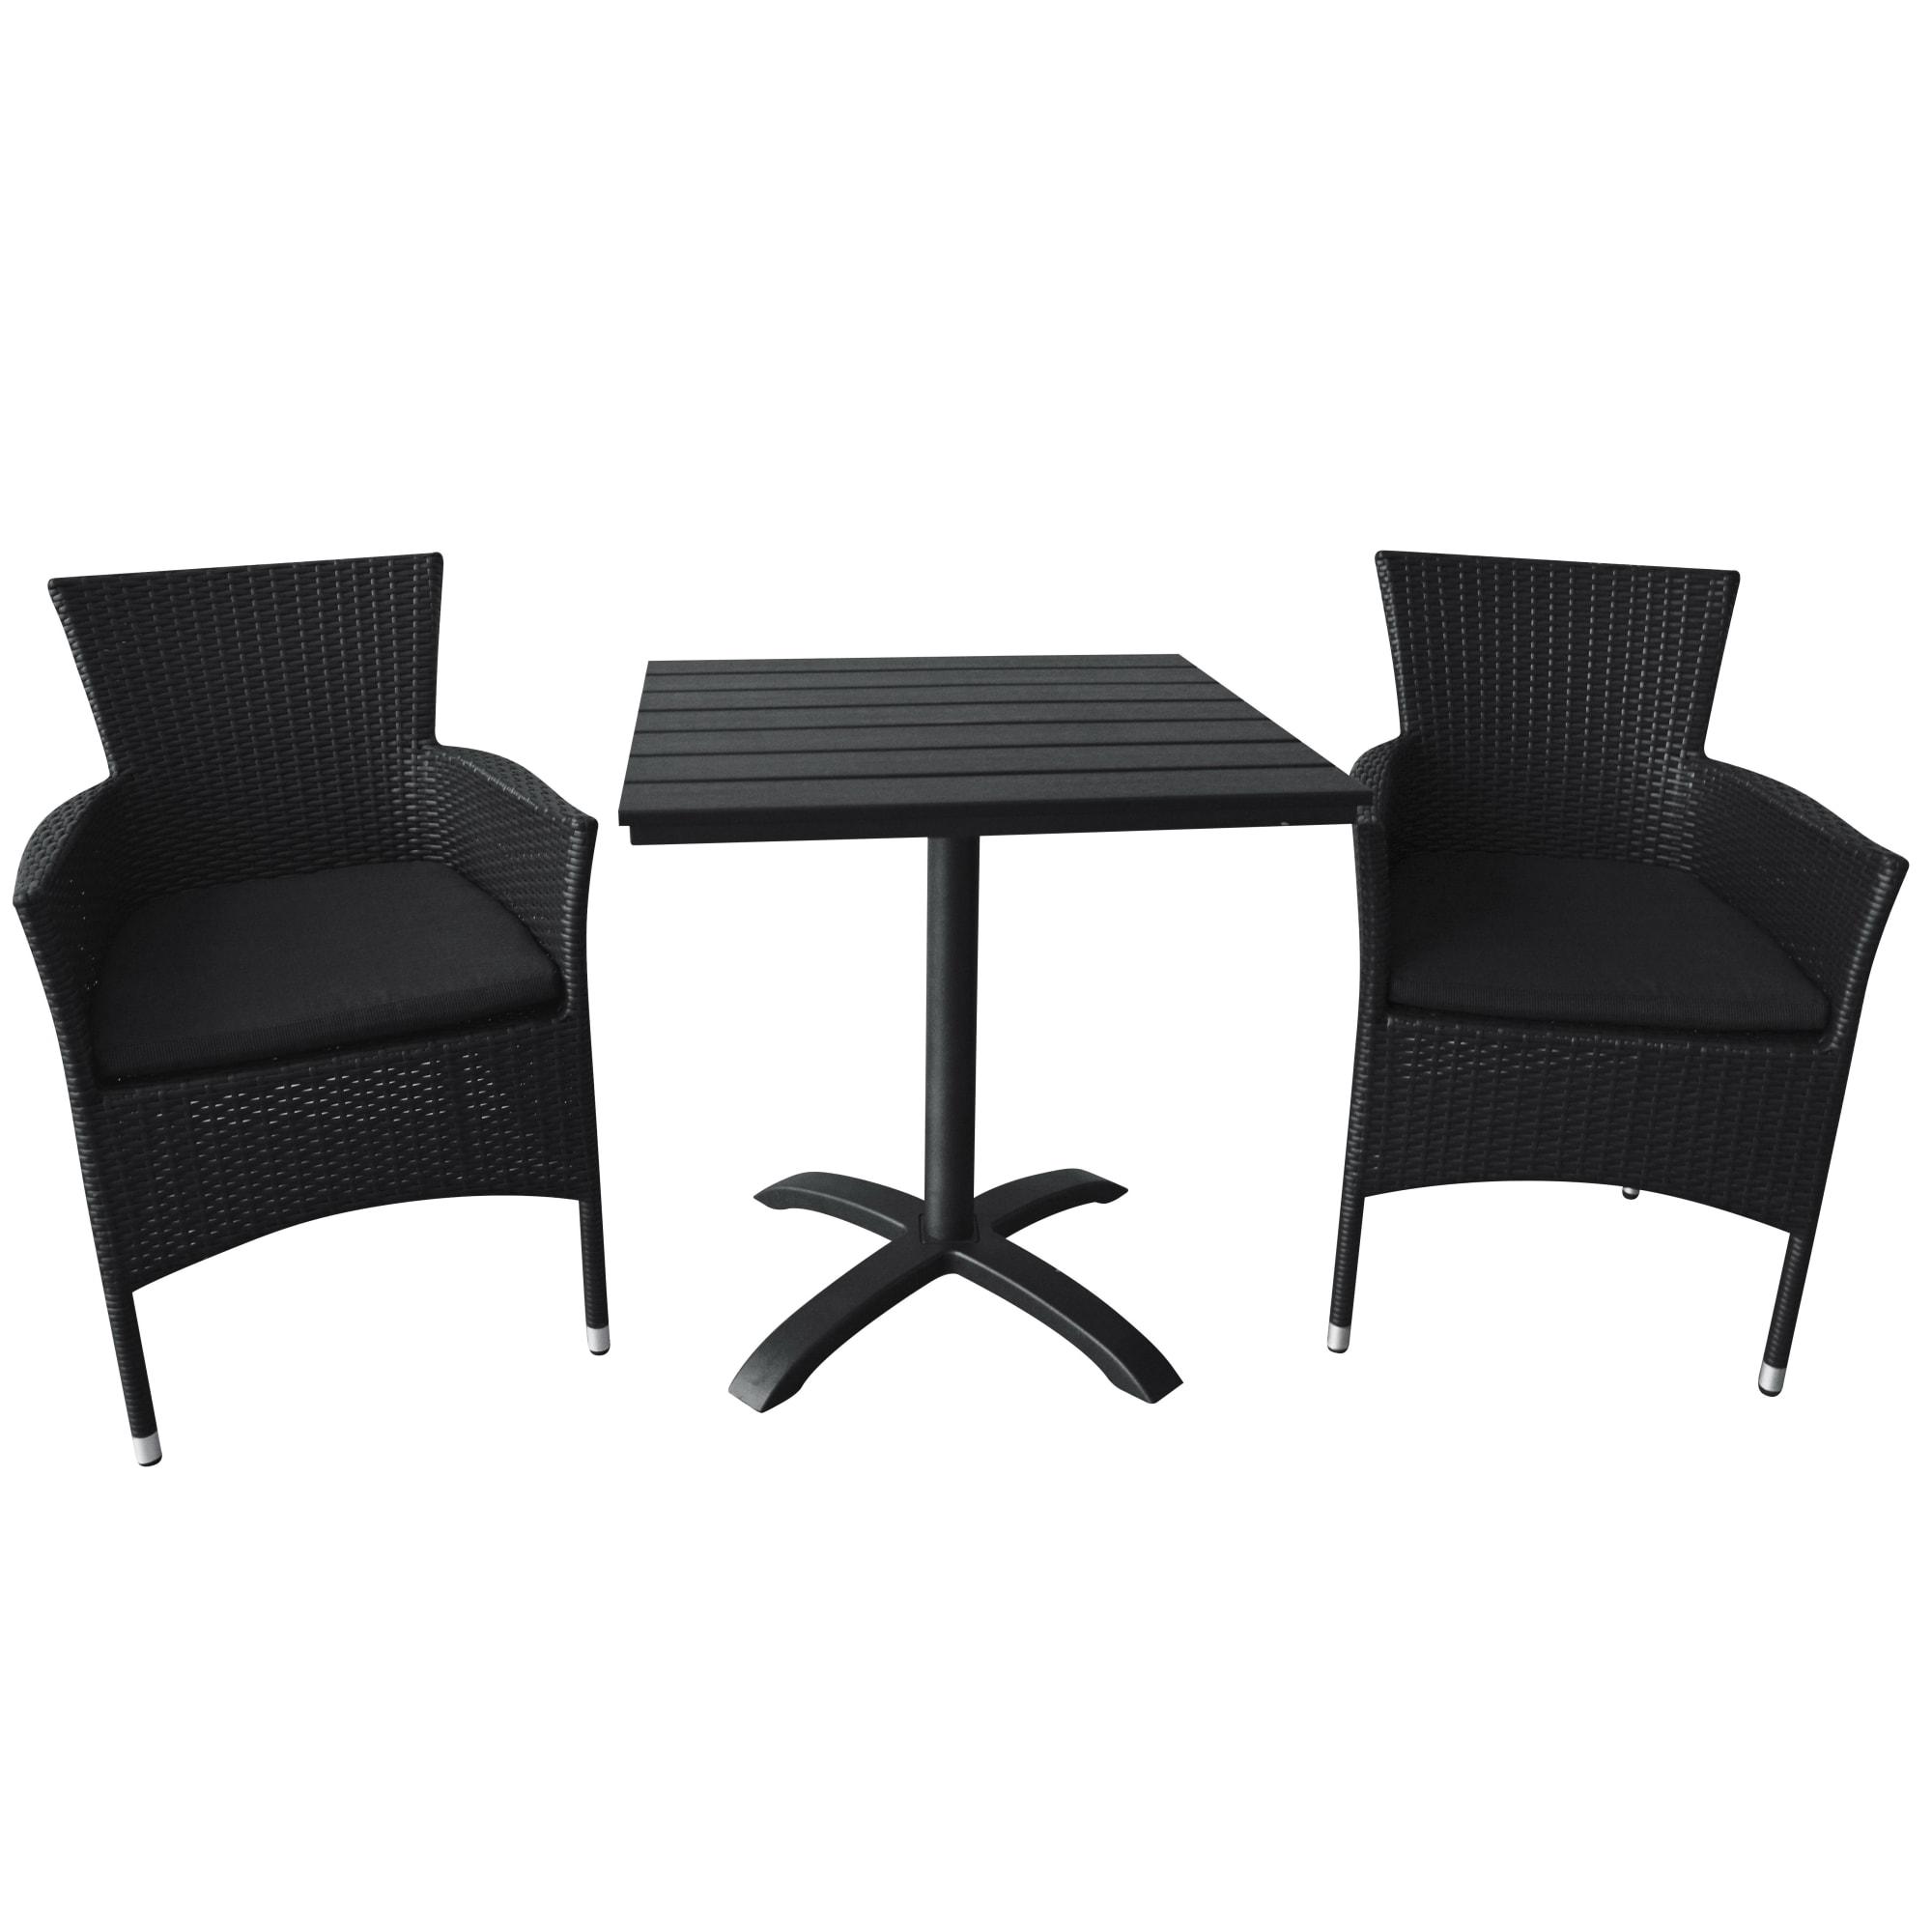 Bord (L 70 cm) og stabelbare stole inkl. hynder